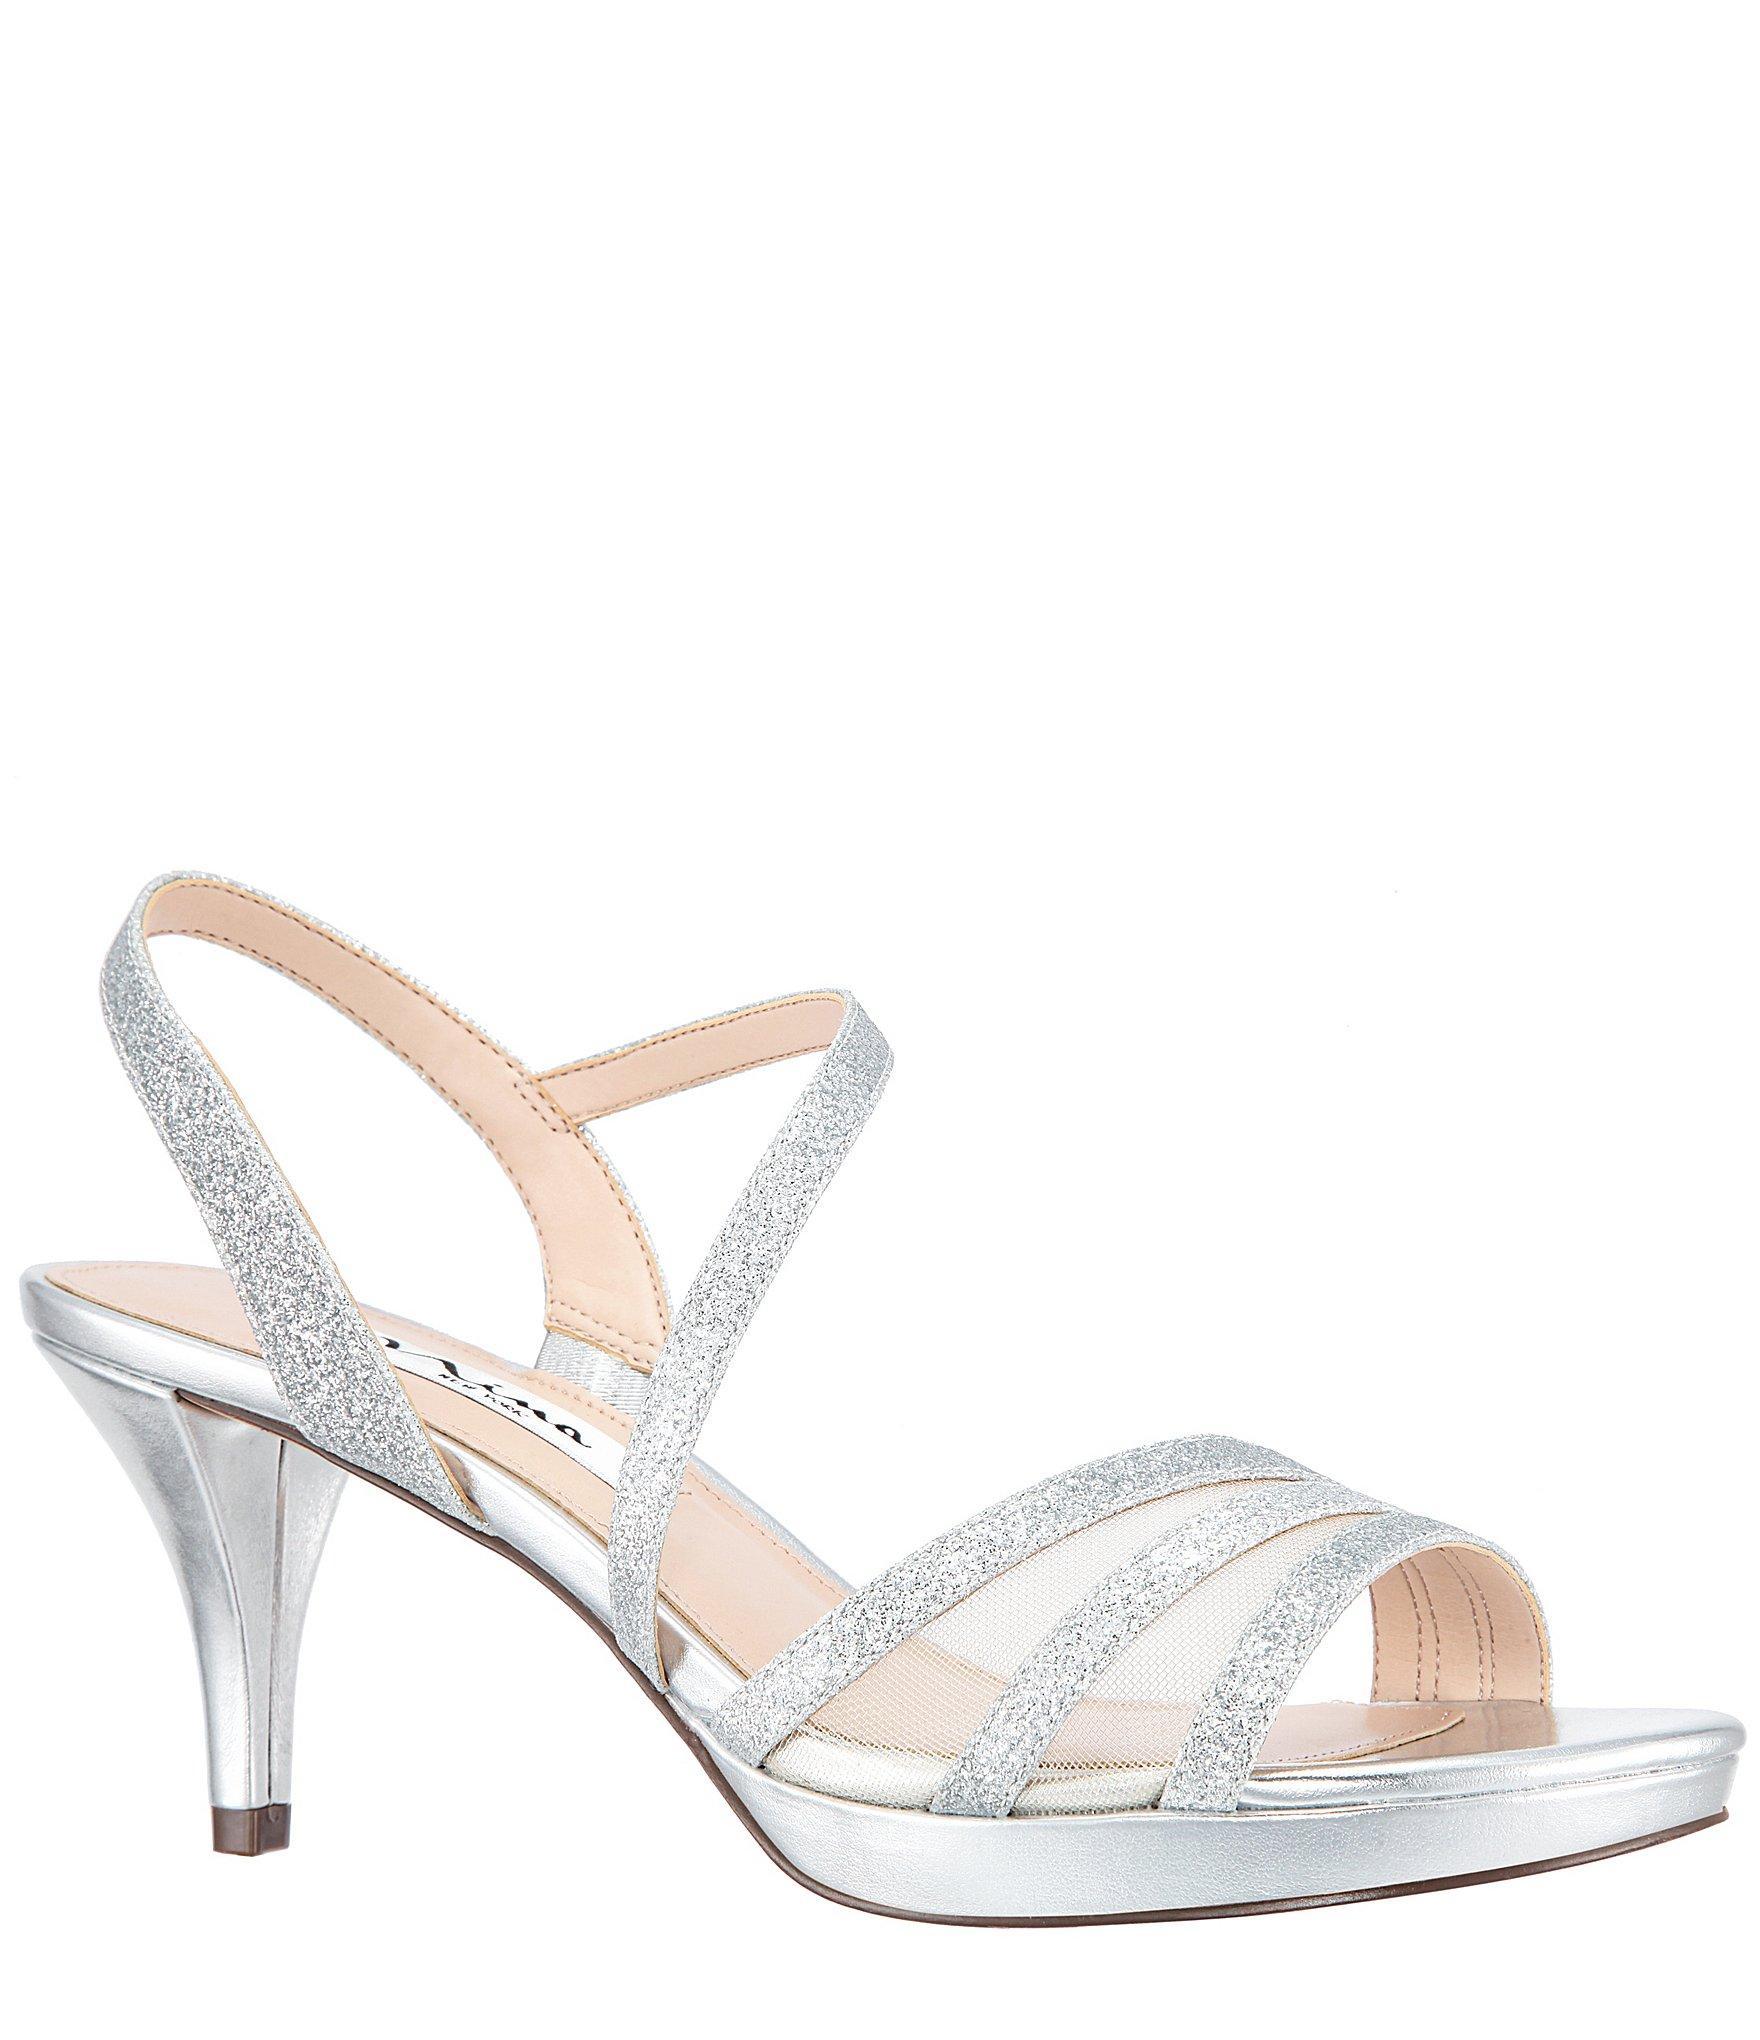 91d928c6ebb Lyst - Nina Nazima Glitter Strappy Dress Sandals in Metallic